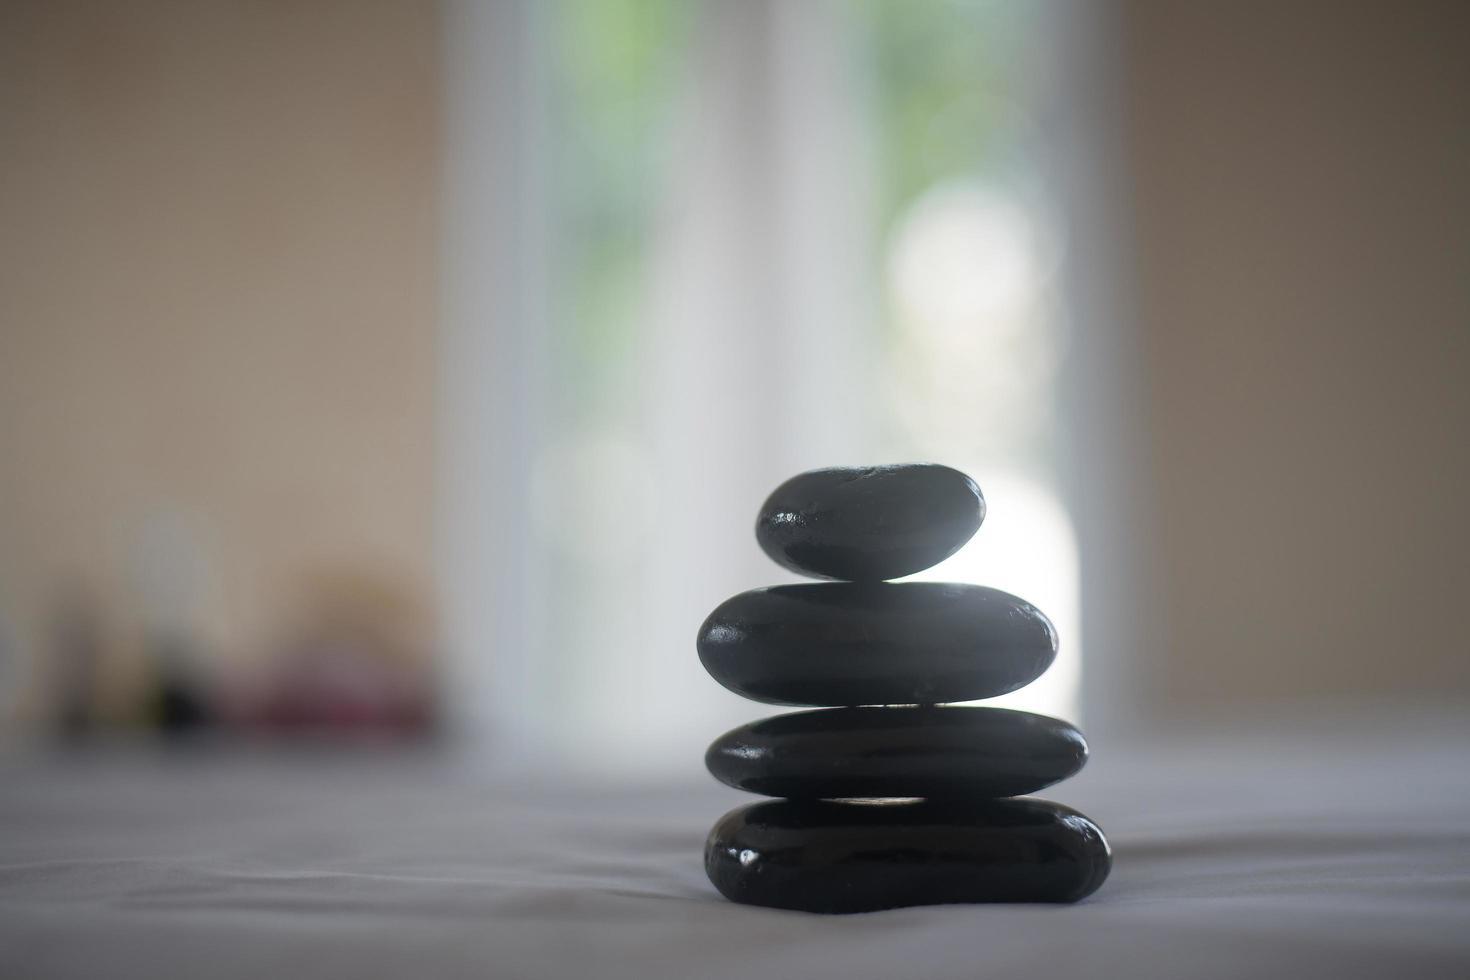 pierres chaudes de spa noir photo